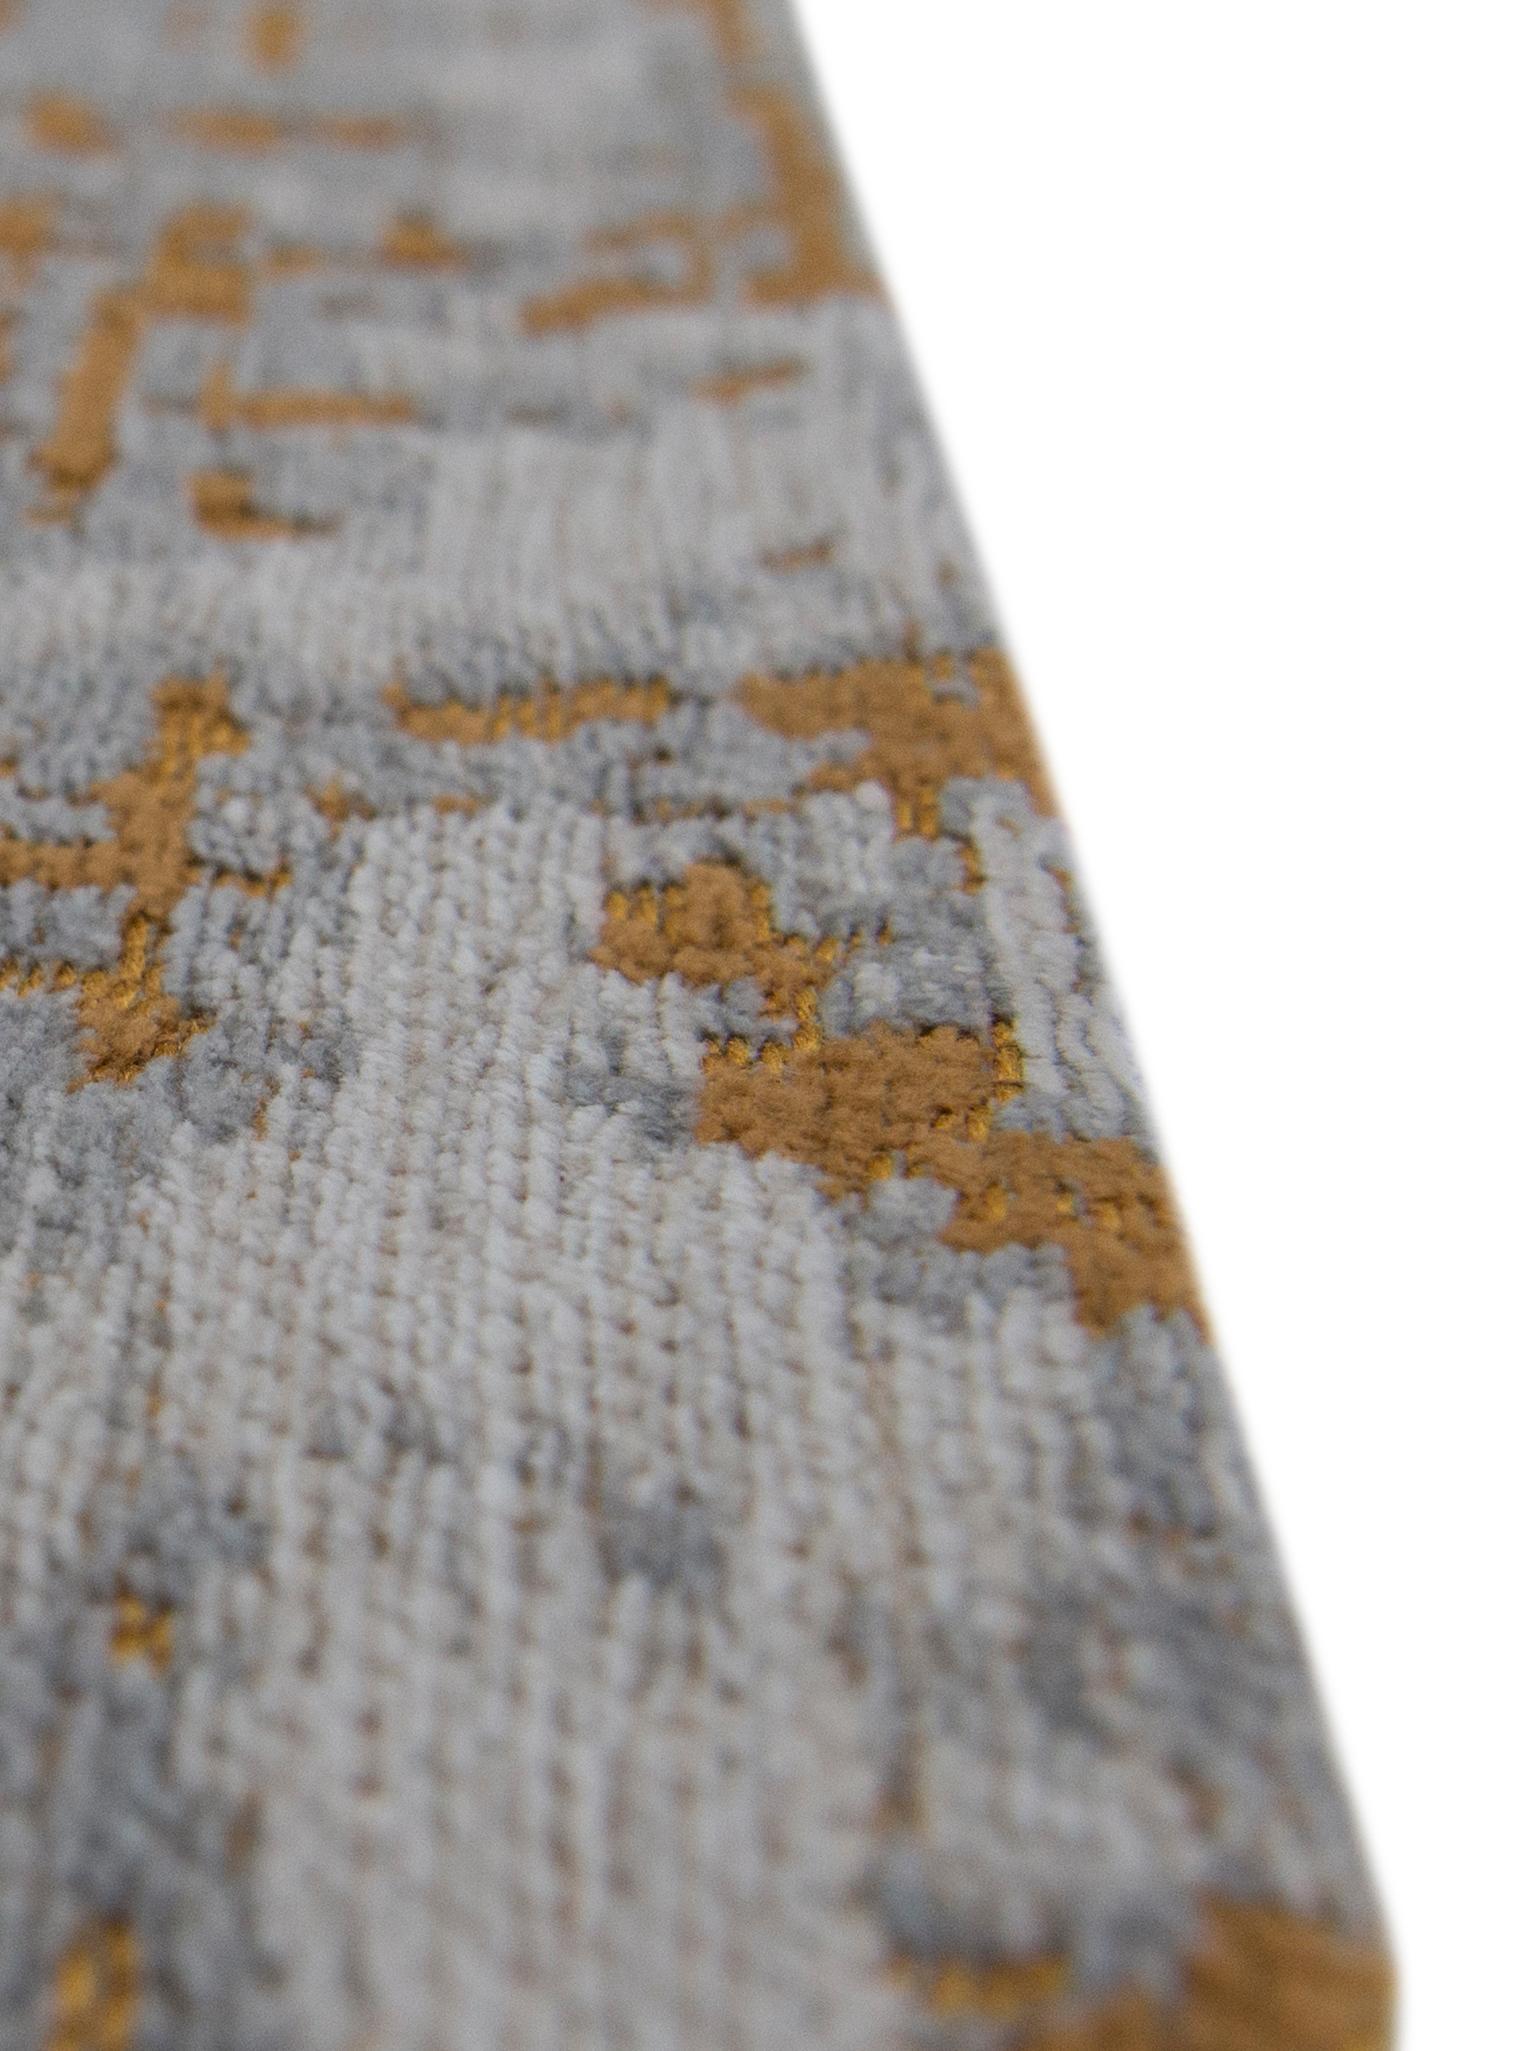 Tapis gris doré Griff, Endroit: gris, couleur dorée, blanc cassé